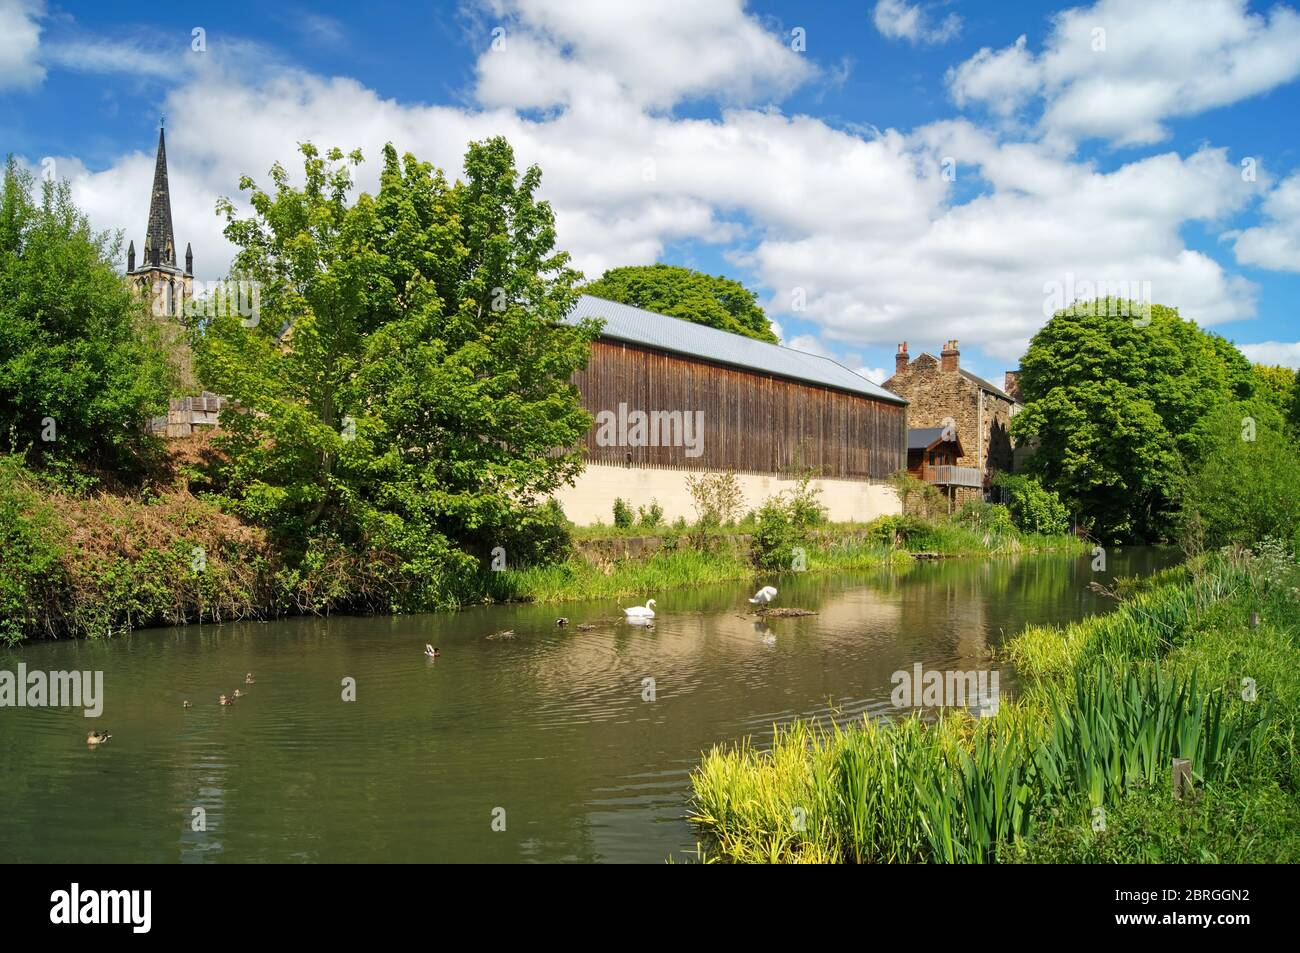 Reino Unido, South Yorkshire, Elsear, Iglesia Parroquial de la Santísima Trinidad y edificios junto al Canal Elsear Foto de stock